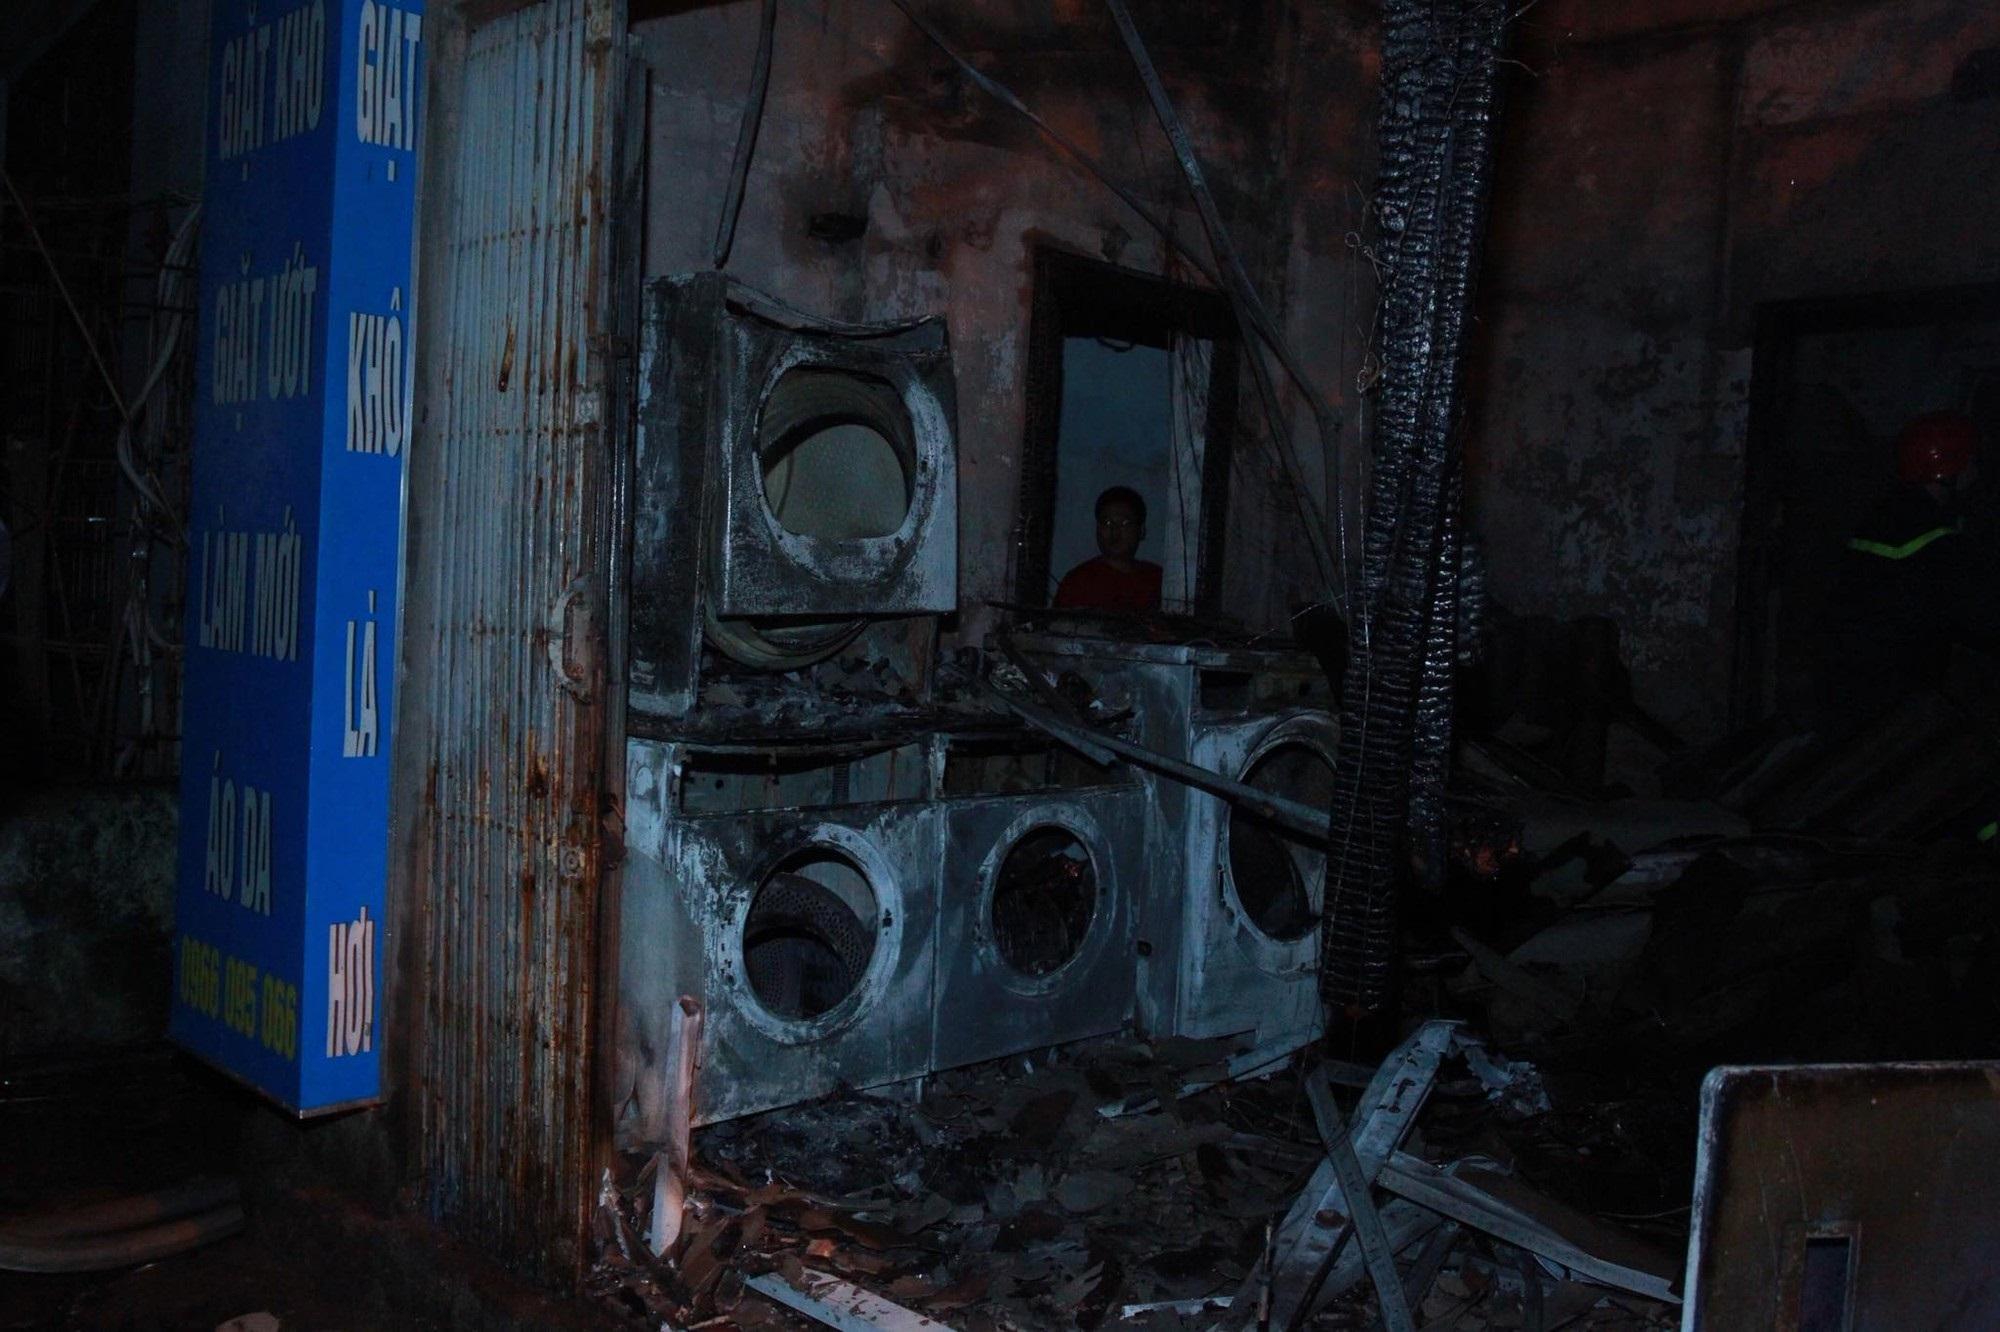 Hà Nội: Cháy lớn cửa hàng giặt là và sang chiết gas, nhiều tài sản bị thiêu rụi hoàn toàn - Ảnh 3